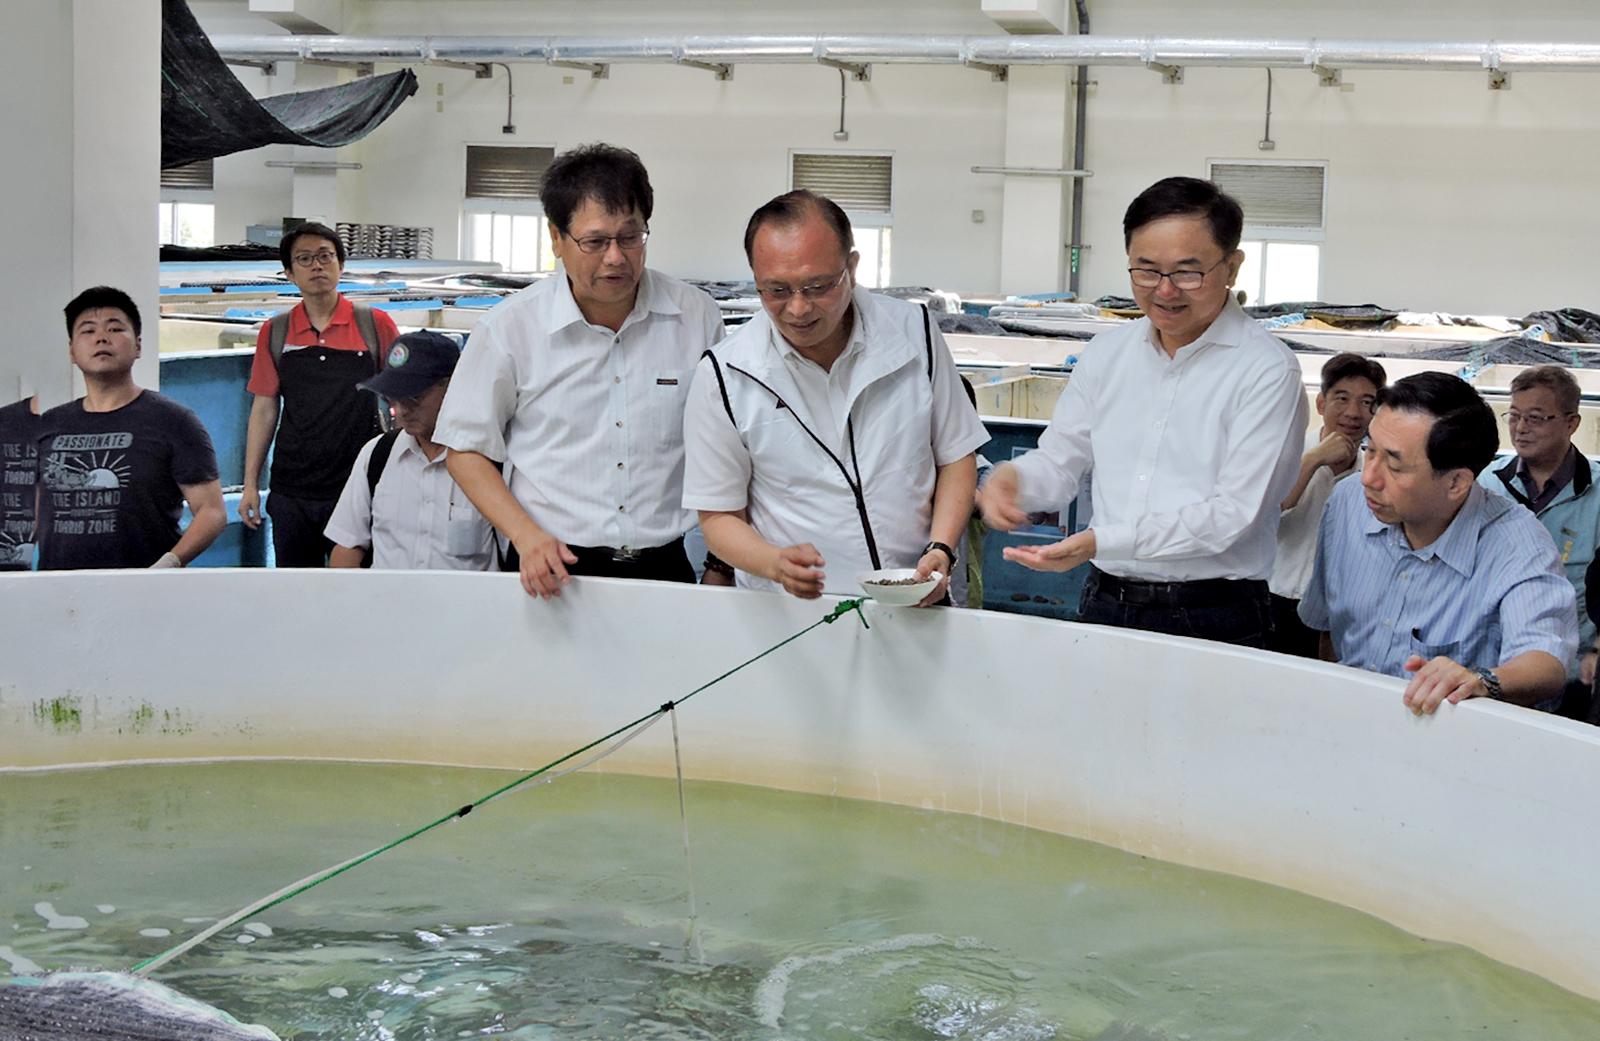 發展冷水魚類人工養殖技術,林聰賢盼比目魚「牙鮃」結合海洋深層水創造新價值